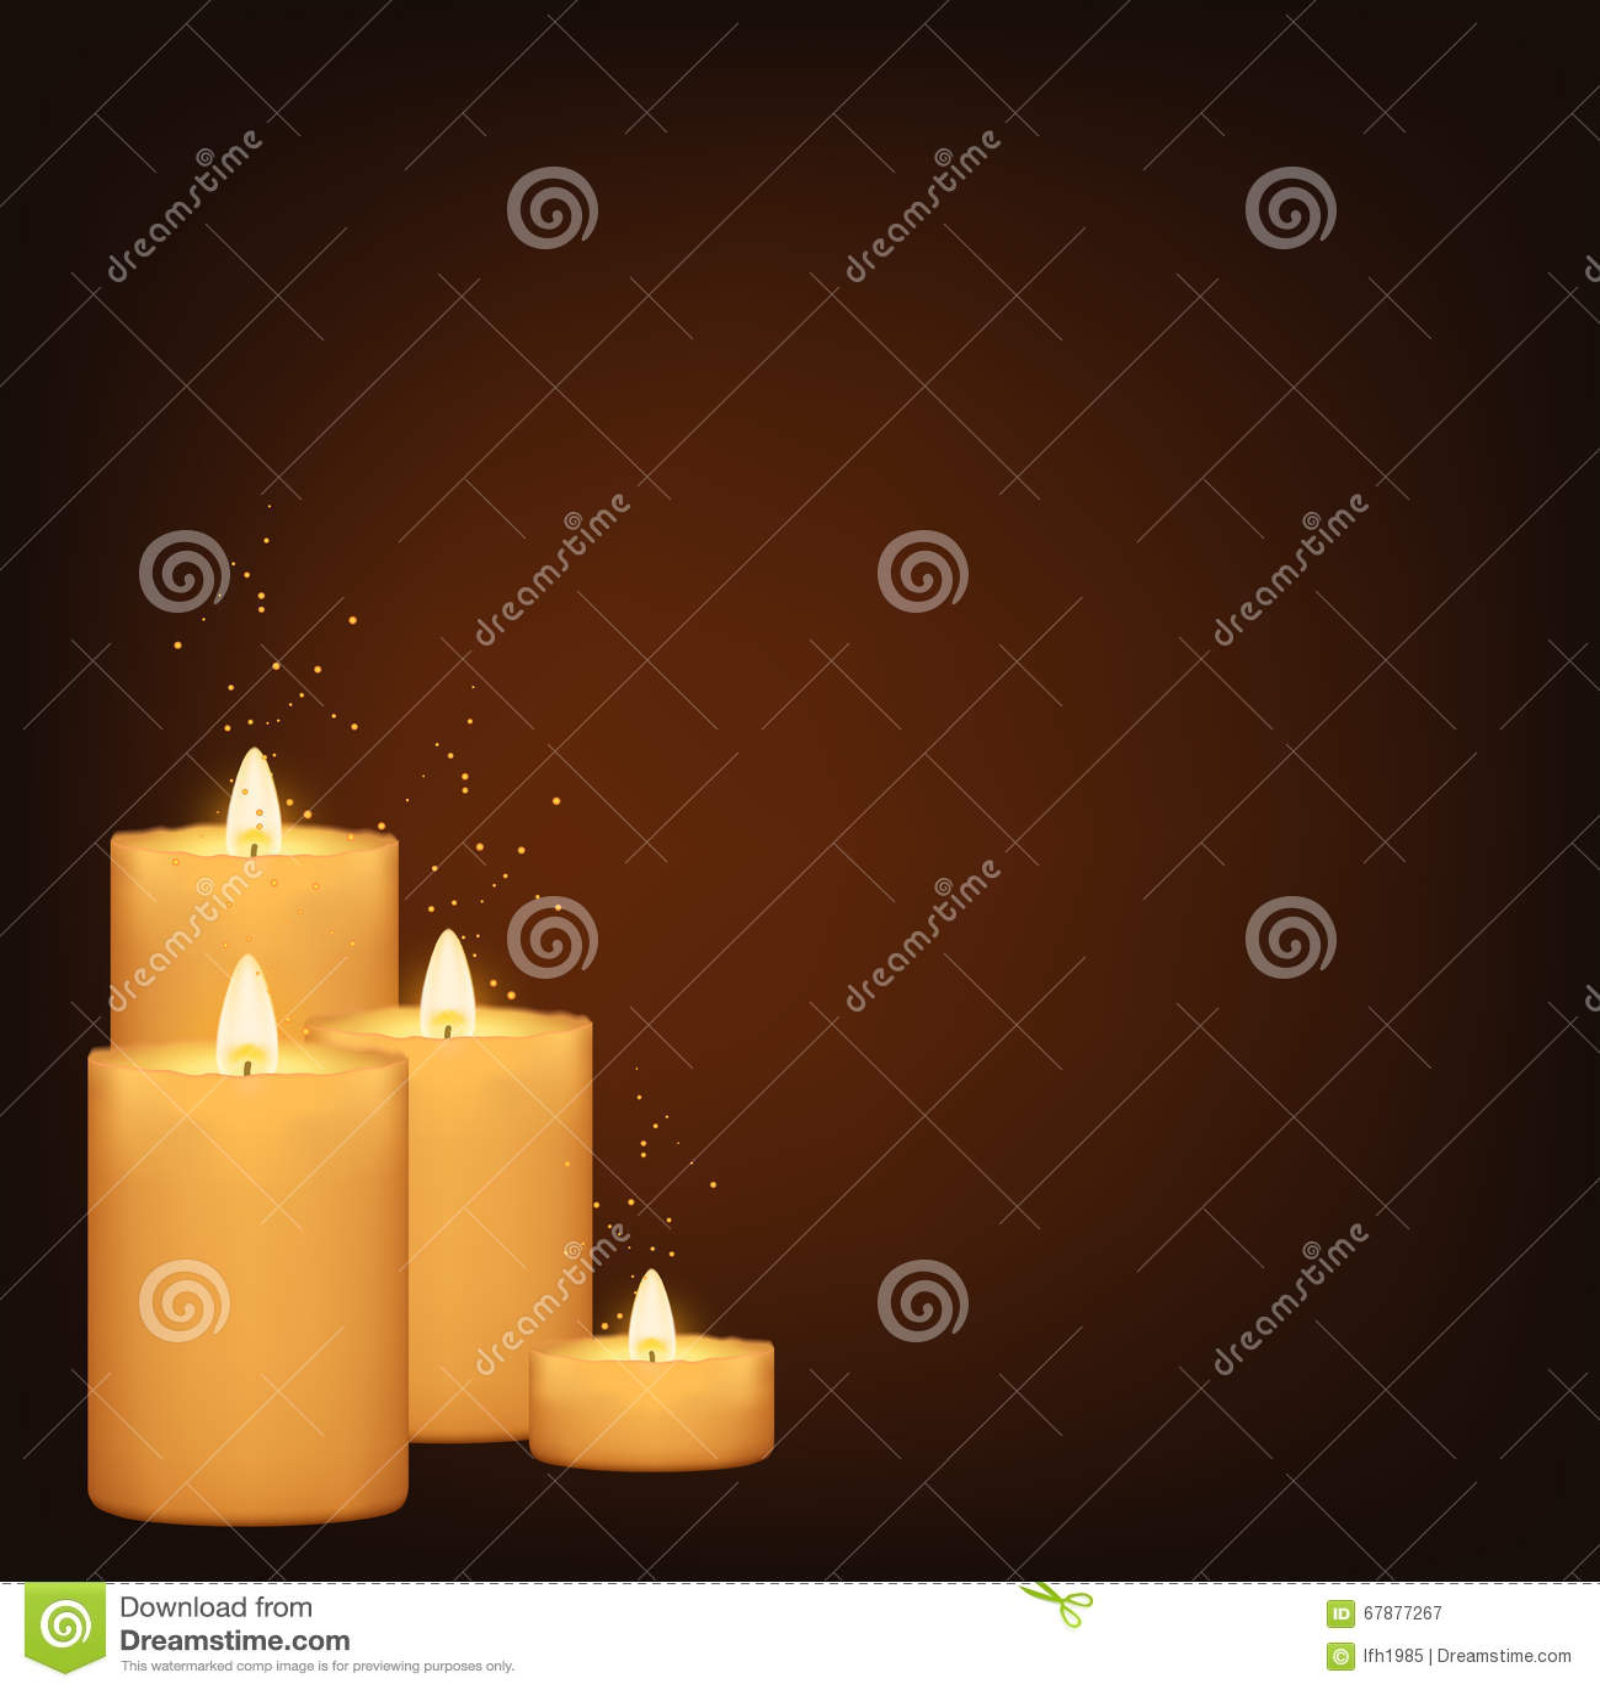 蜡烛的图片